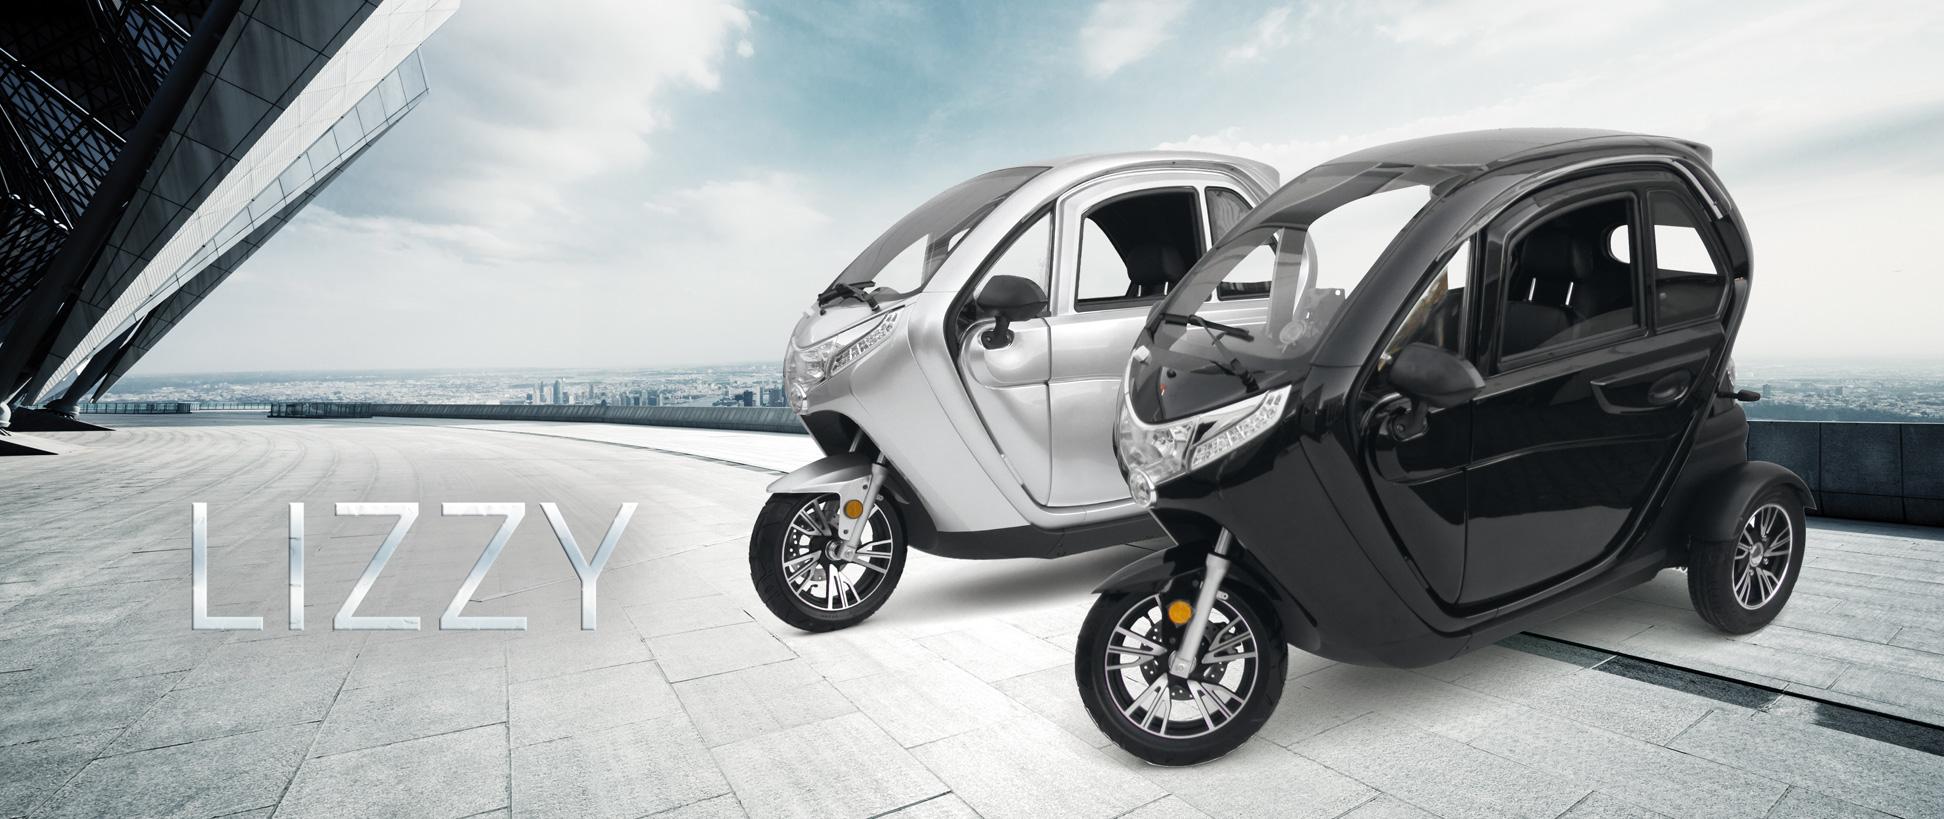 Die beiden Varianten des Elektrokabinenroller Lizzy in einem Stadtmotiv.